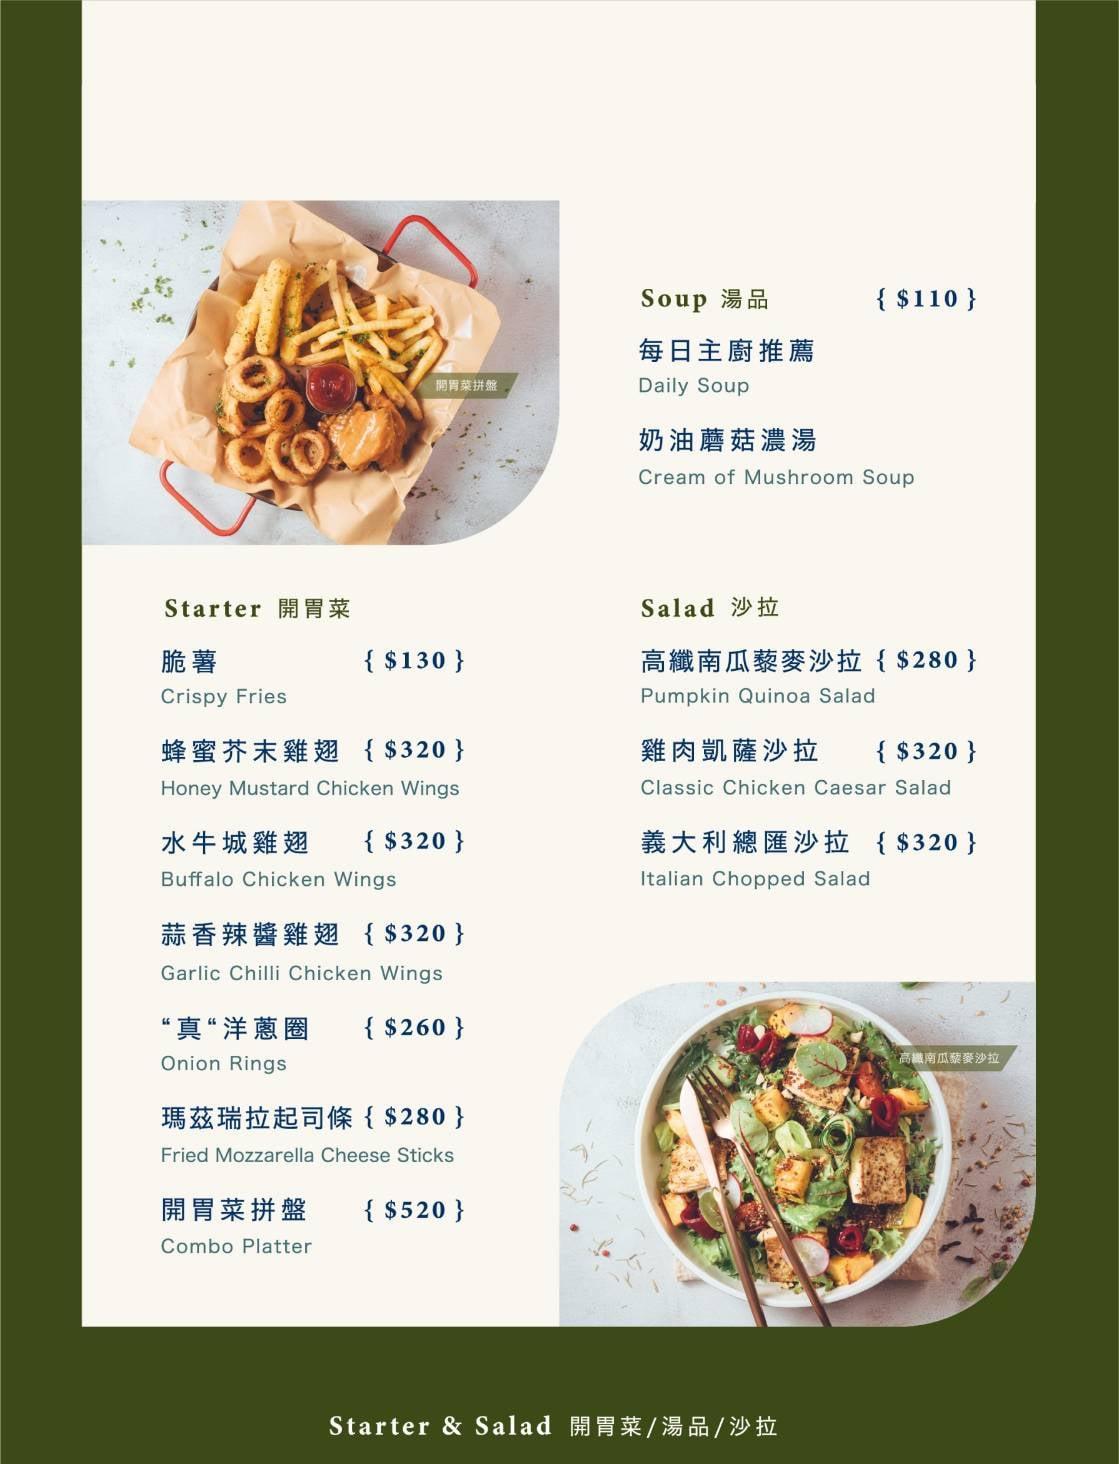 林口美食「瑞莎塔廚房」三井附近美食推薦!親子友善,家庭聚餐義式料理餐廳 - yukiblog.tw